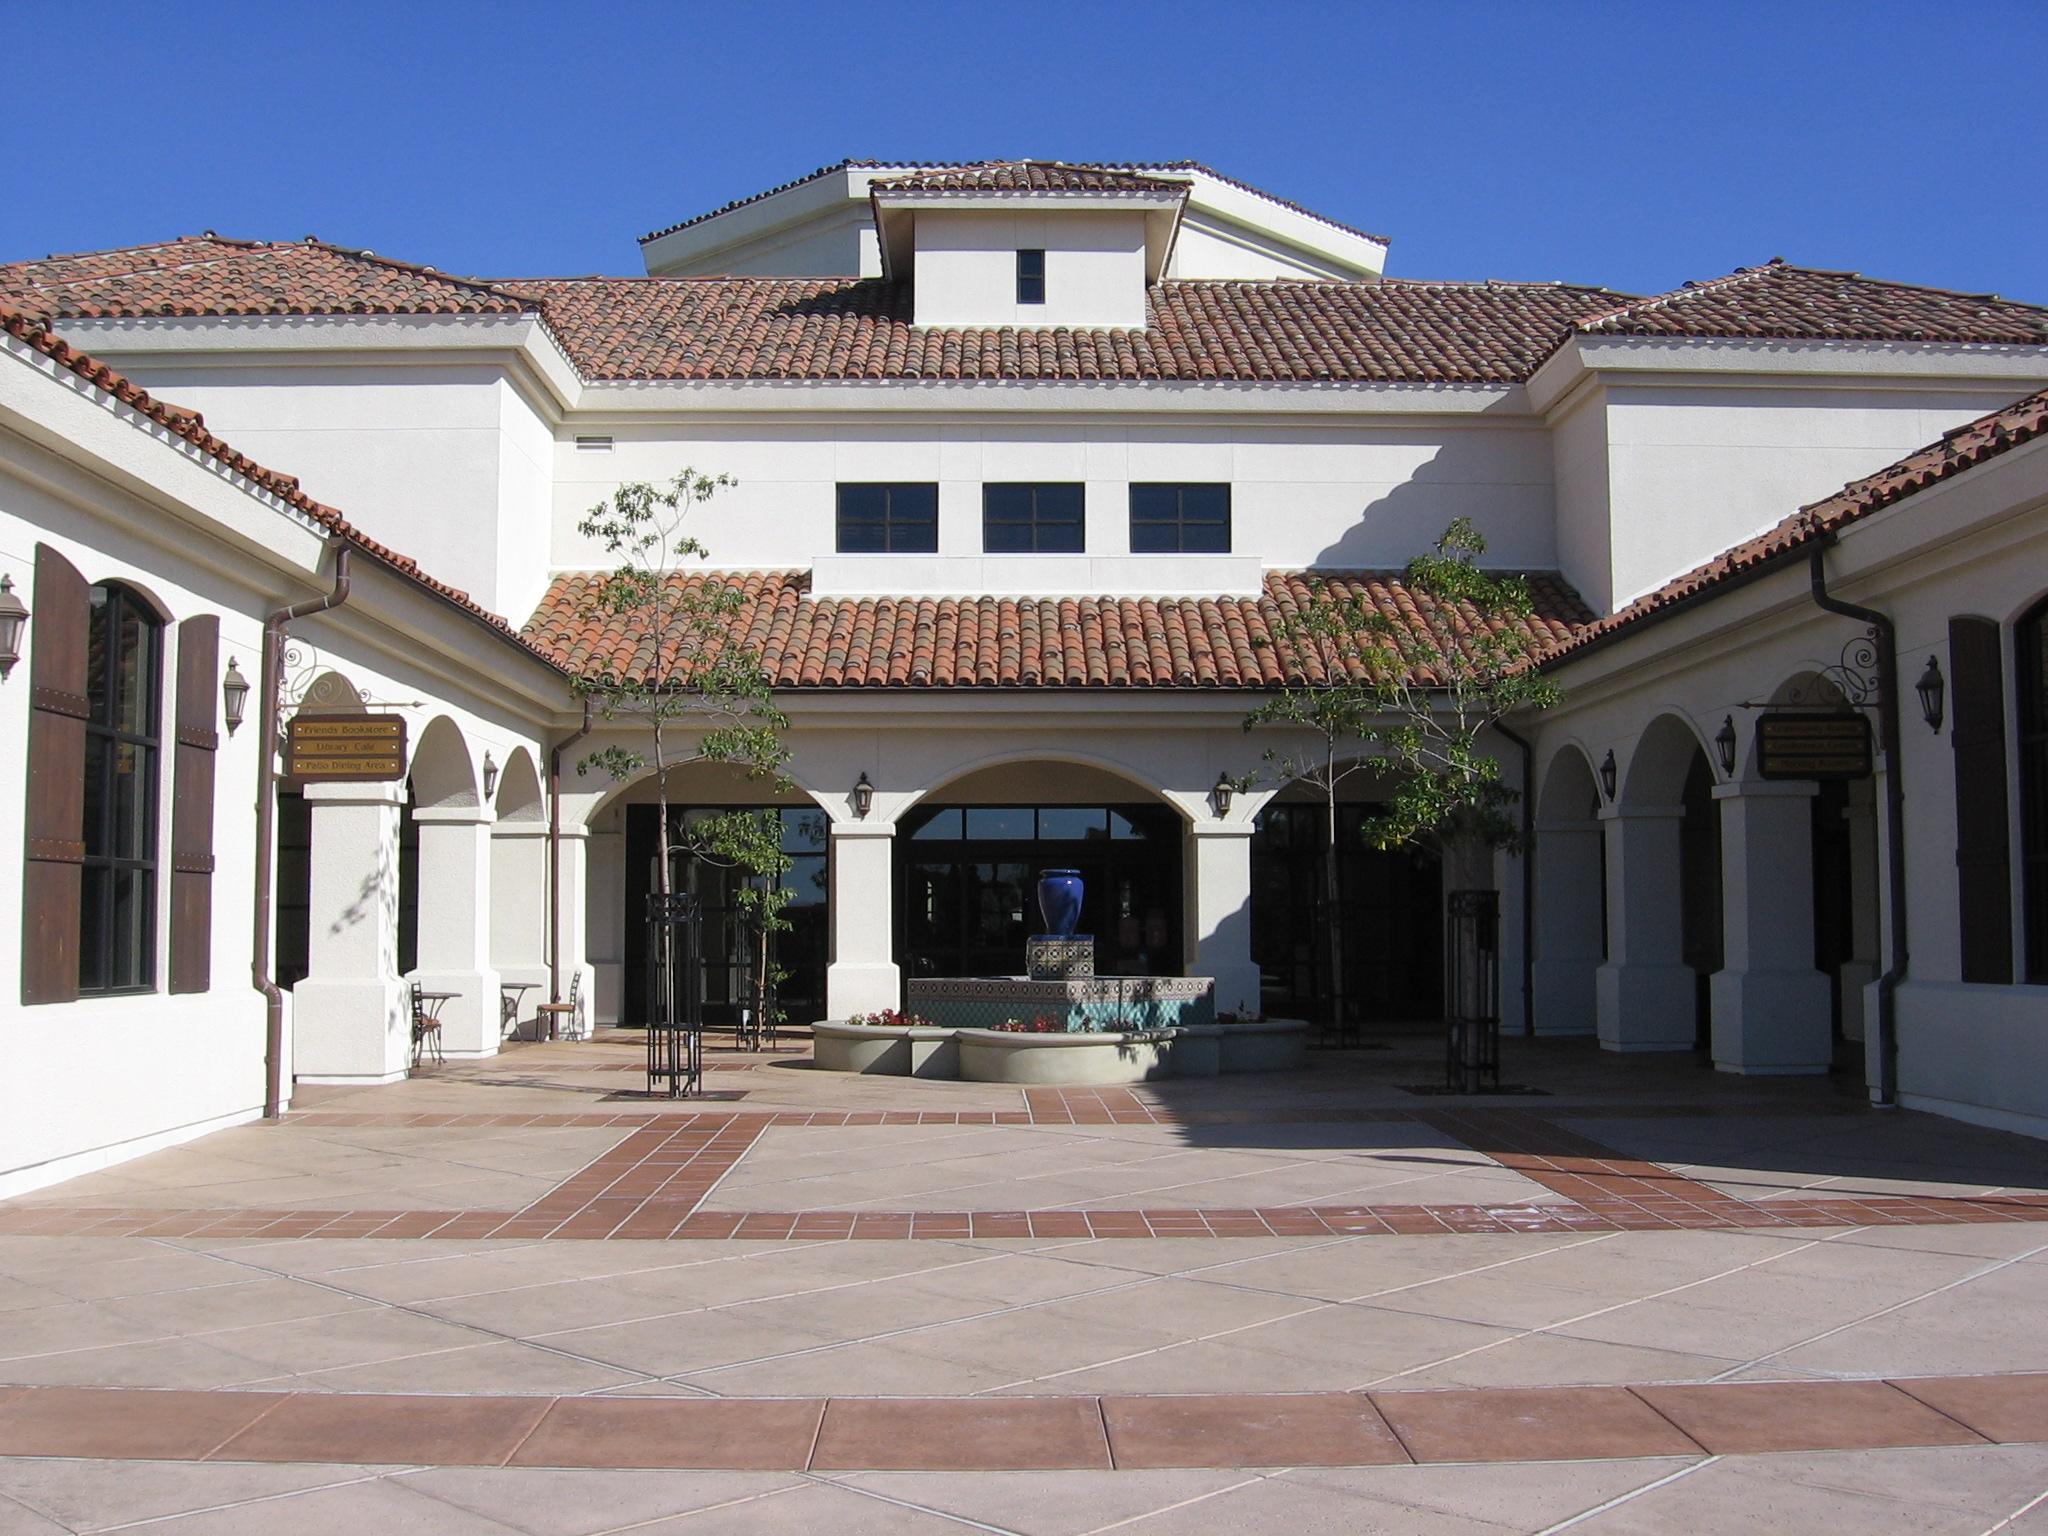 City Of Camarillo Public Library Wikipedia